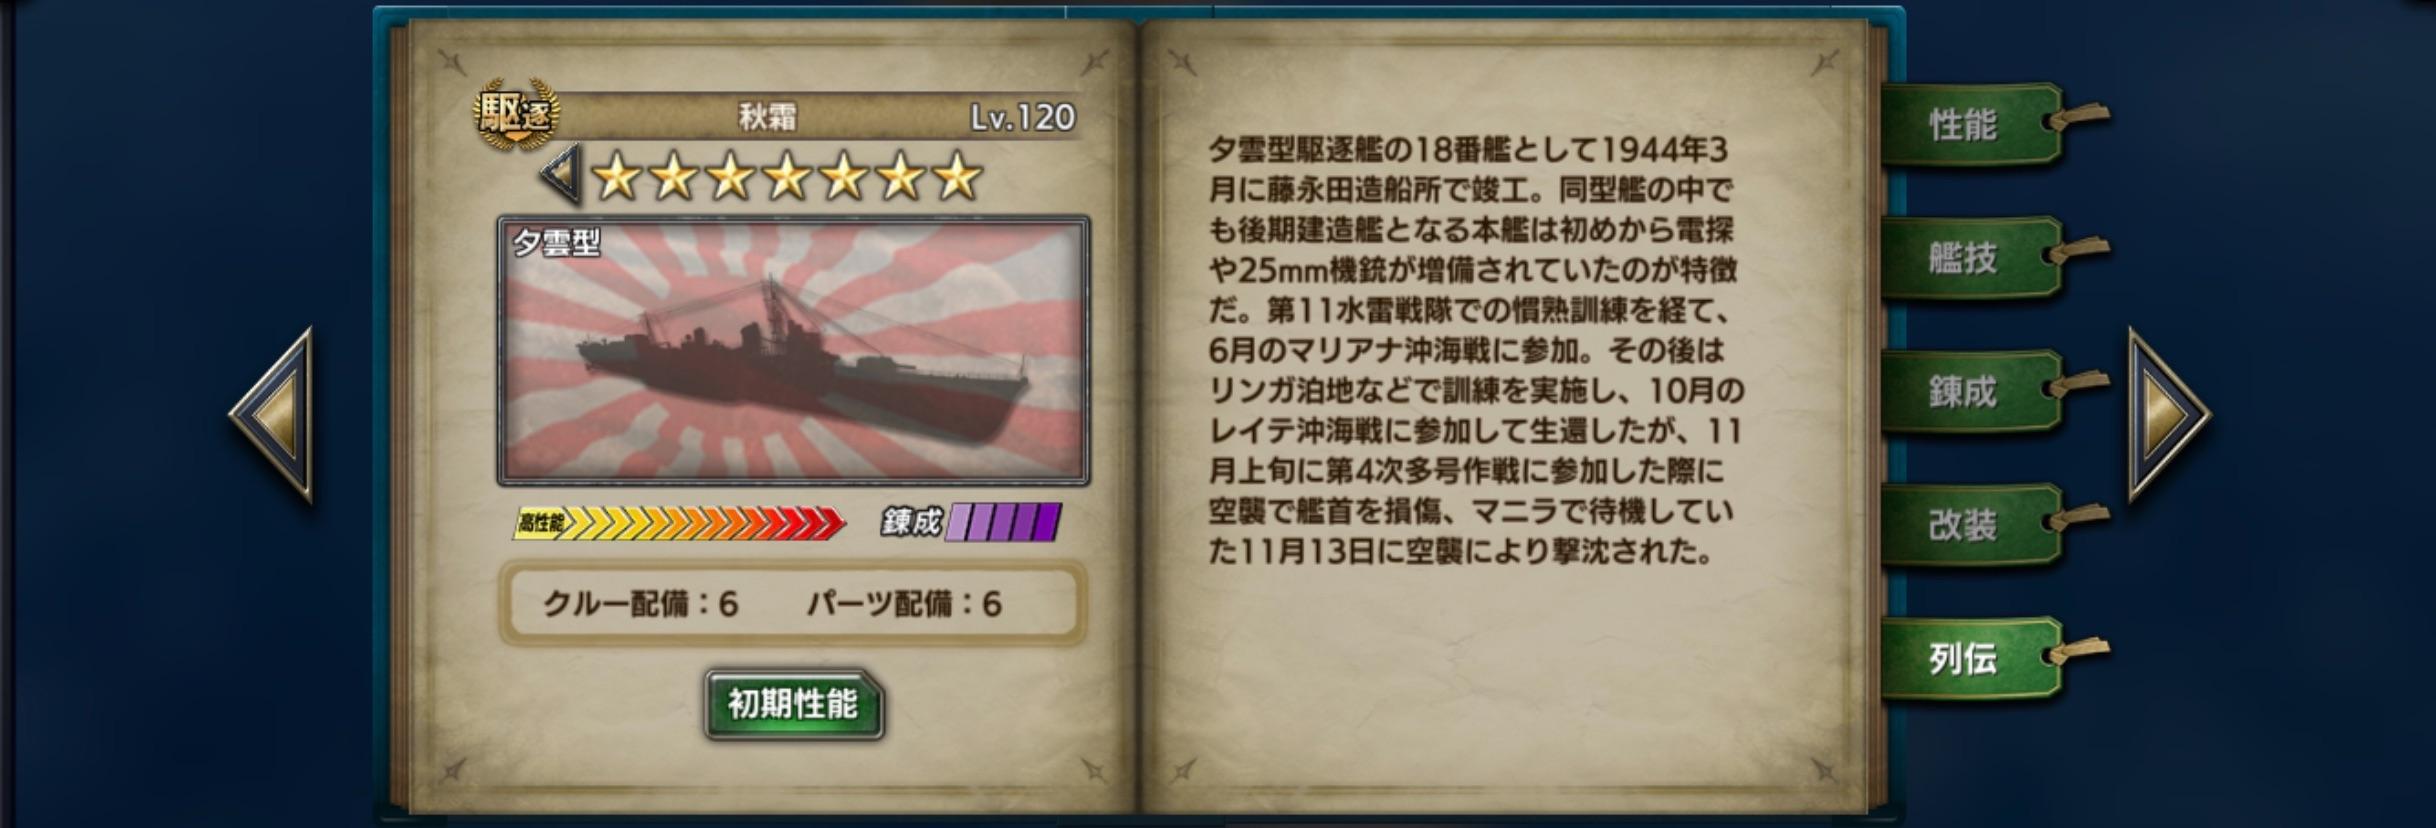 Akishimo-history